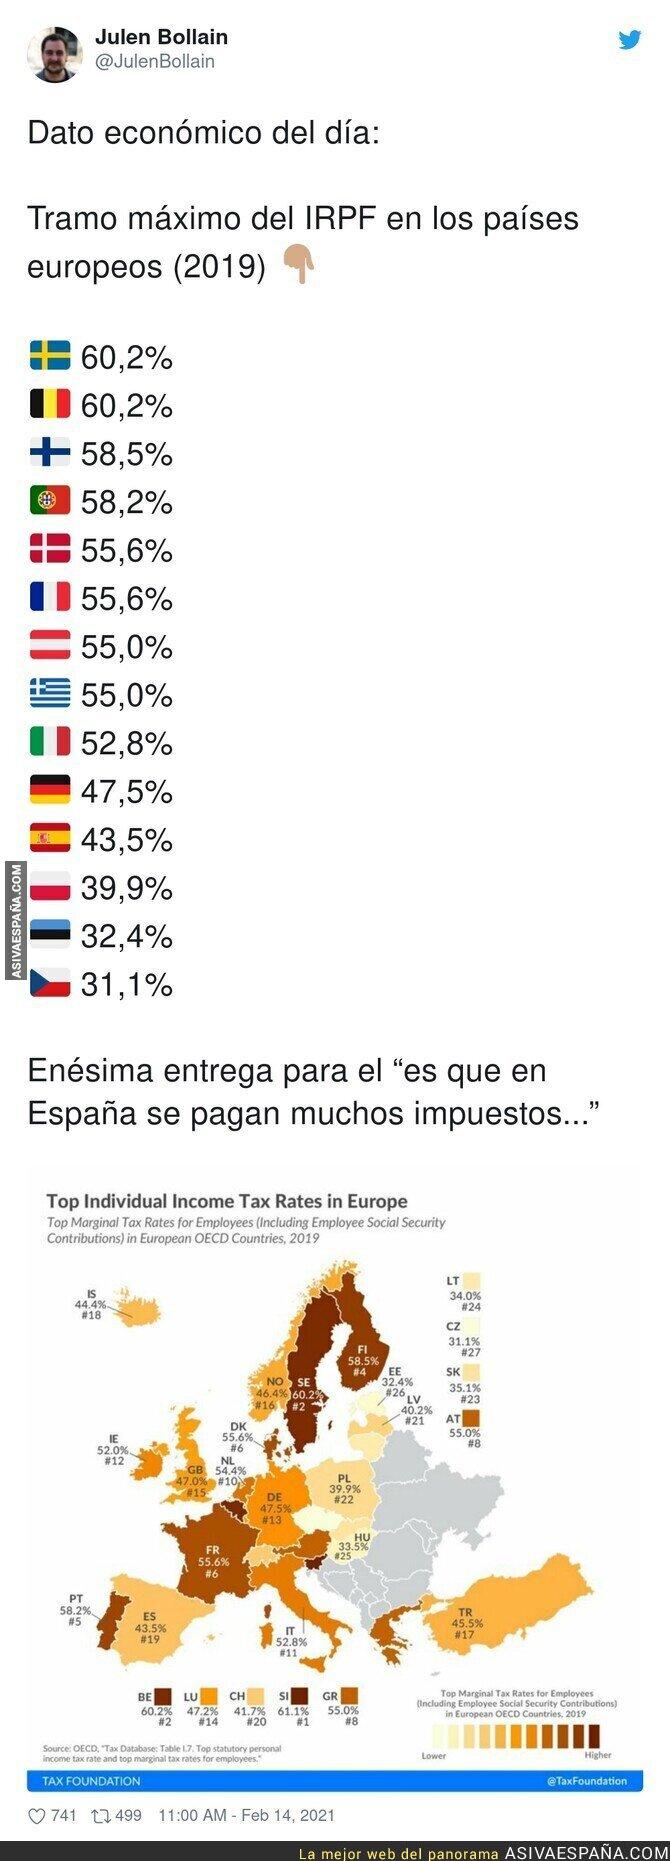 599305 - Los impuestos máximos que se pagan en Europa